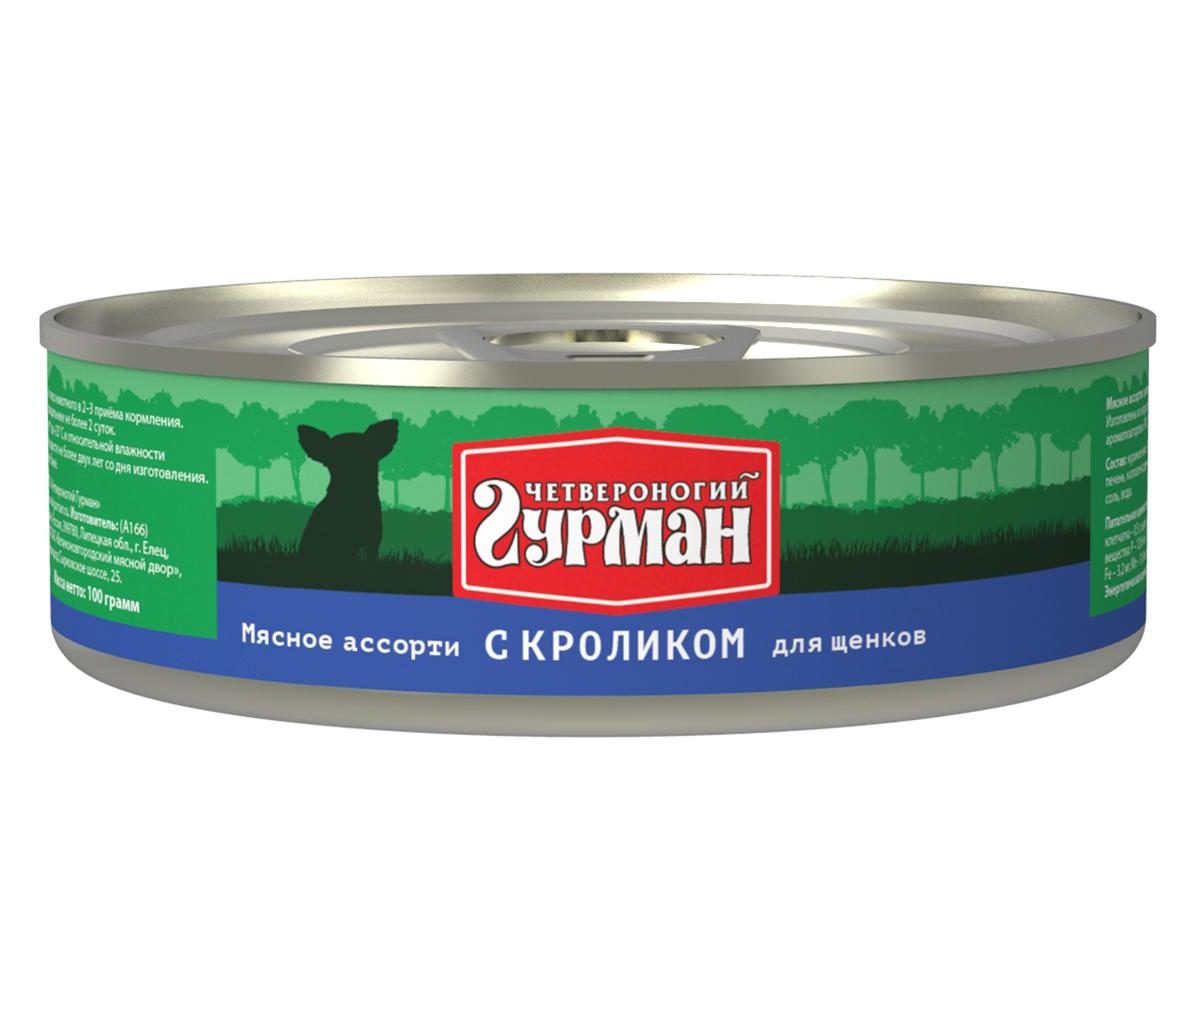 Консервы для щенков Четвероногий гурман Мясное ассорти, с кроликом, 100 г0120710Консервы для щенков Четвероногий гурман Мясное ассорти - это влажный мясной корм суперпремиум класса, состоящий из разных сортов мяса и качественных субпродуктов. Корм не содержит синтетических витаминно-минеральных комплексов, злаков, бобовых и овощей. Никаких искусственных компонентов в составе: только натуральное, экологически чистое мясо от проверенных поставщиков. По консистенции продукт представляет собой кусочки из фарша размером 3-15 мм. В состав входит коллаген. Его компоненты (хондроитин и глюкозамин) положительно воздействуют на суставы питомца. Состав: куриное мясо (30%), мясо кролика (6%), сердце, легкое, рубец, печень, коллагенсодержащее сырье, животный белок, масло растительное, вода. Пищевая ценность (в 100 г продукта): протеин 11,5 г, жир 7,2 г, клетчатка 0,5 г, сырая зола 2 г, влага 80 г. Минеральные вещества: P 128,6 мг, Са 9,4 мг, Na 160 мг, Cl 203,4 мг, Mg 13,5 мг, Fe 3,2 мг, Mn 31,8 мкг, I 3,02 мкг. Витамины: А, E, В1, В2, B3, B5, B6. Энергетическая ценность (на 100 г): 112 ккал.Товар сертифицирован.